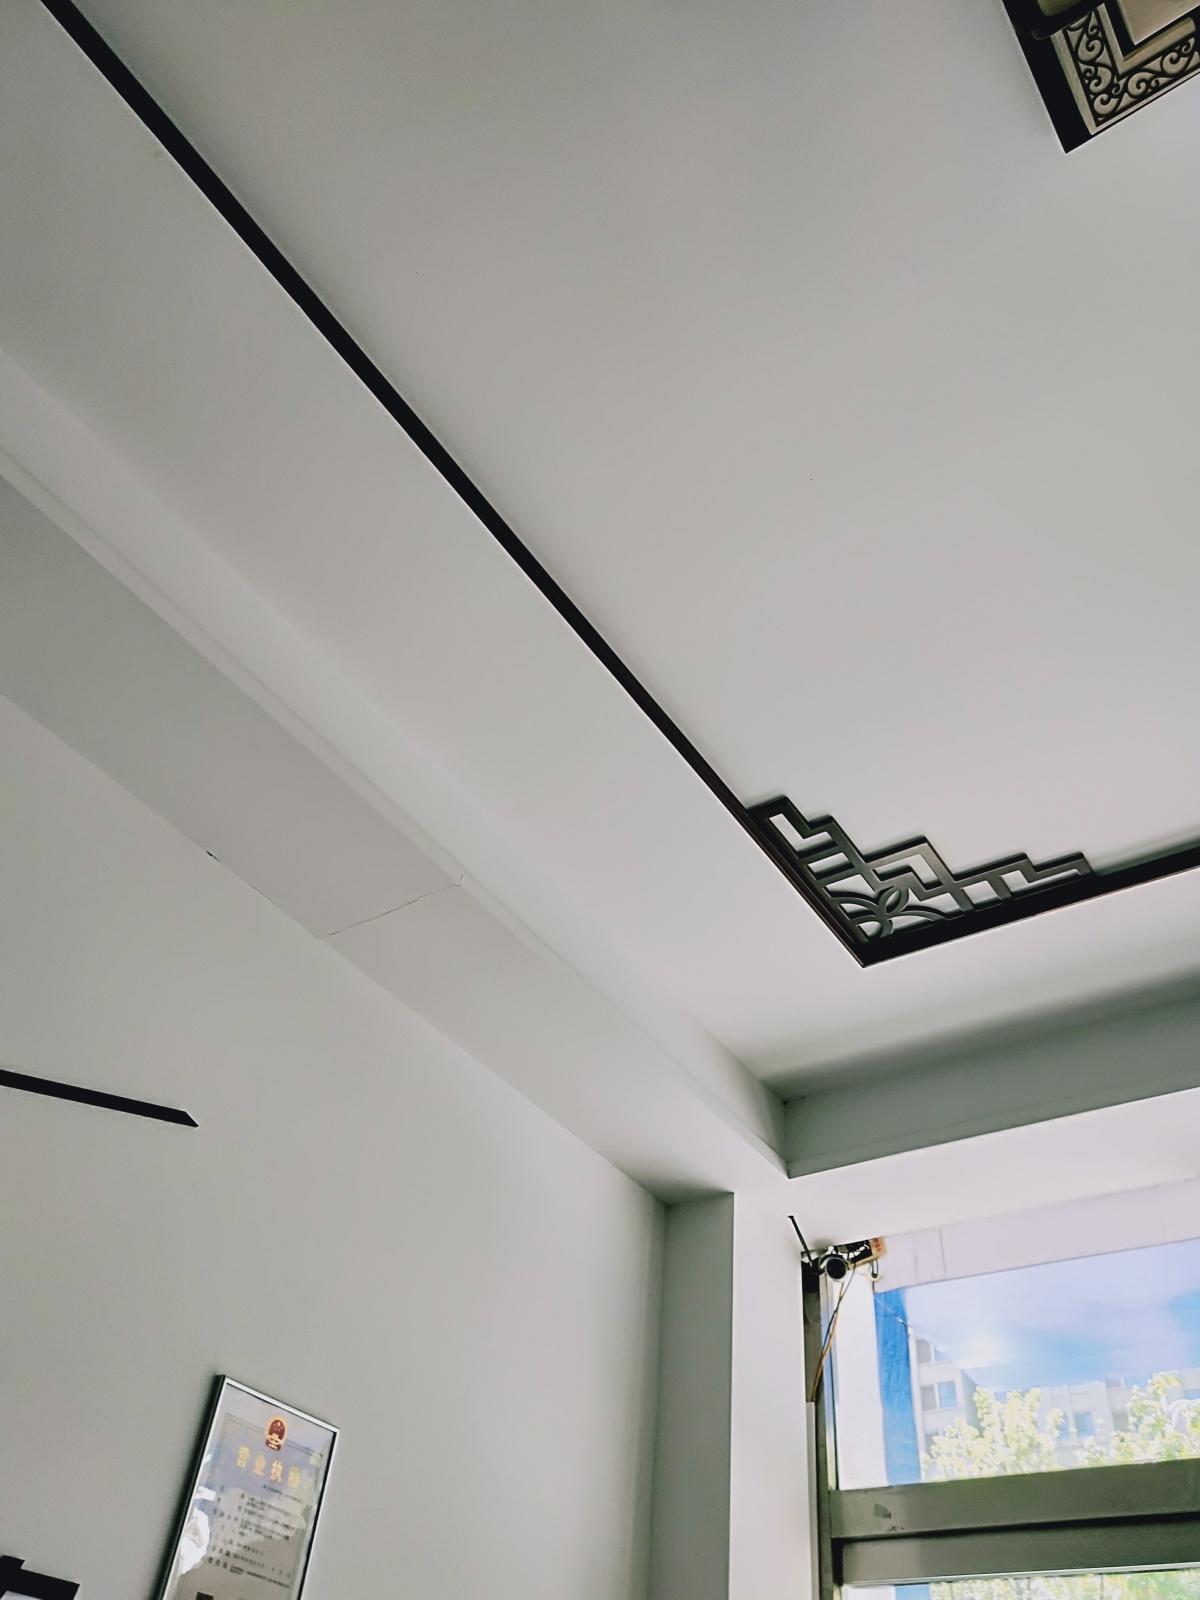 出租安慧南区3室2厅1卫110平米1850元/月住宅